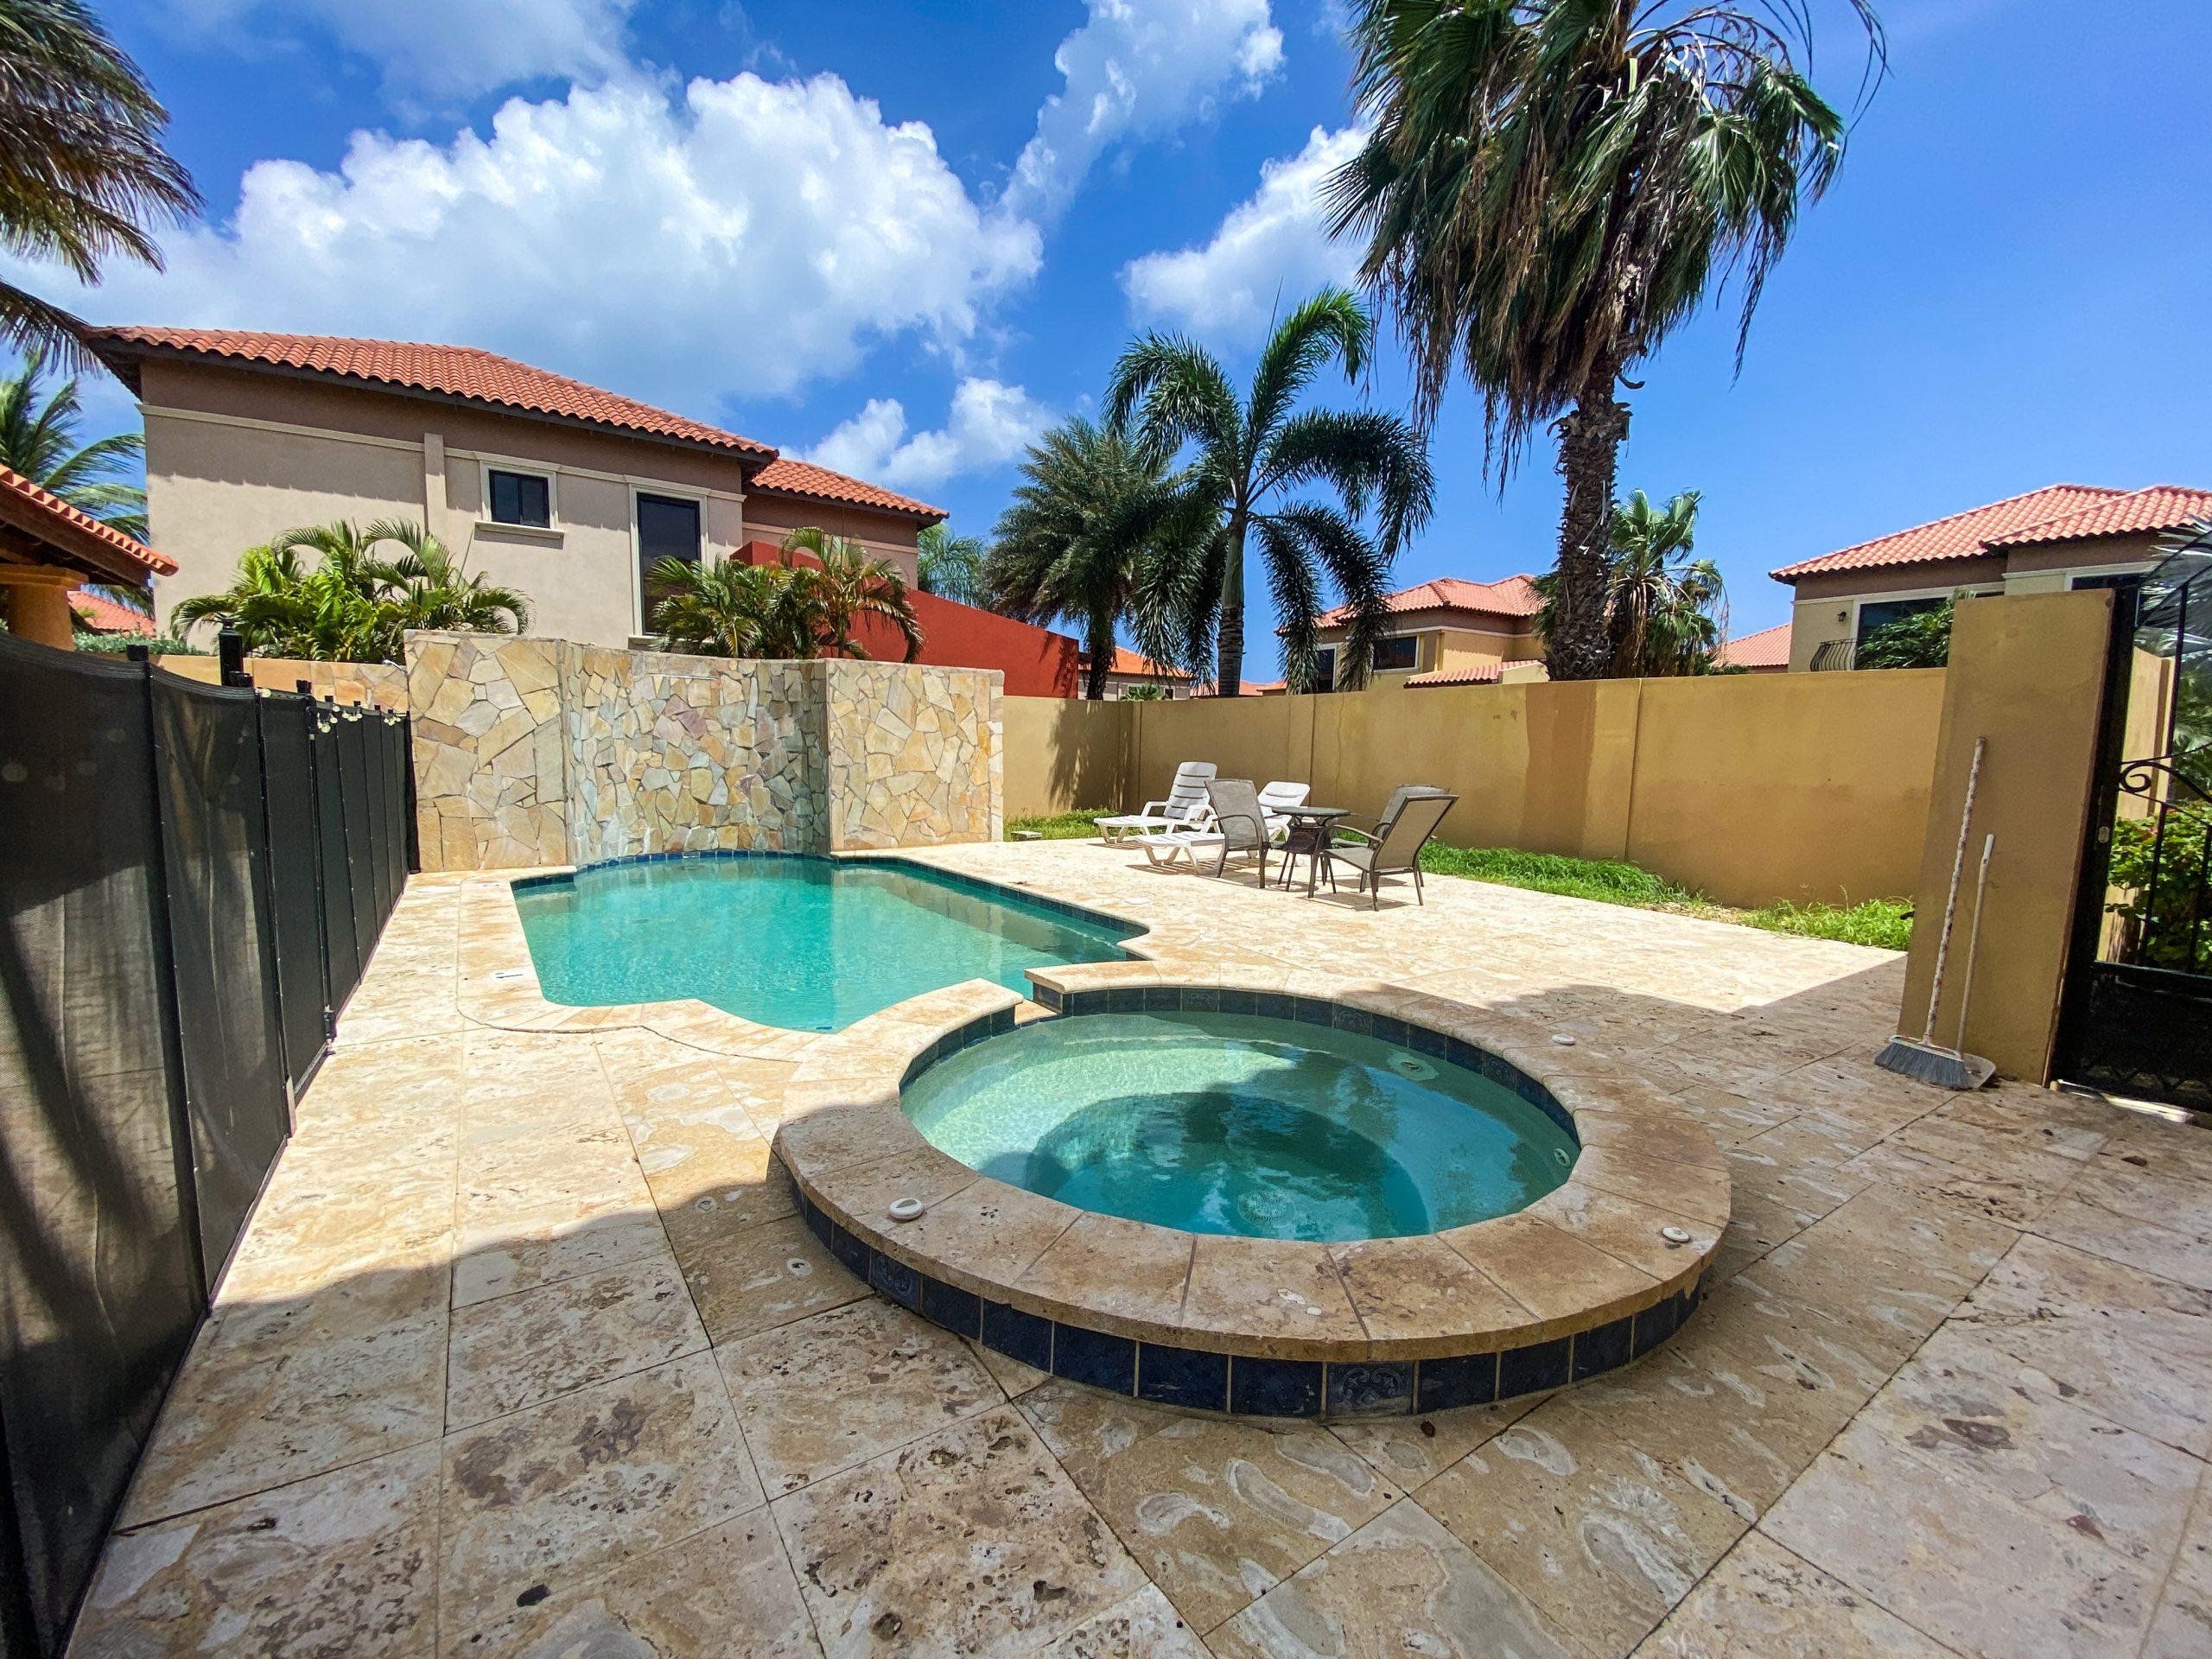 vacation house rentals in Aruba